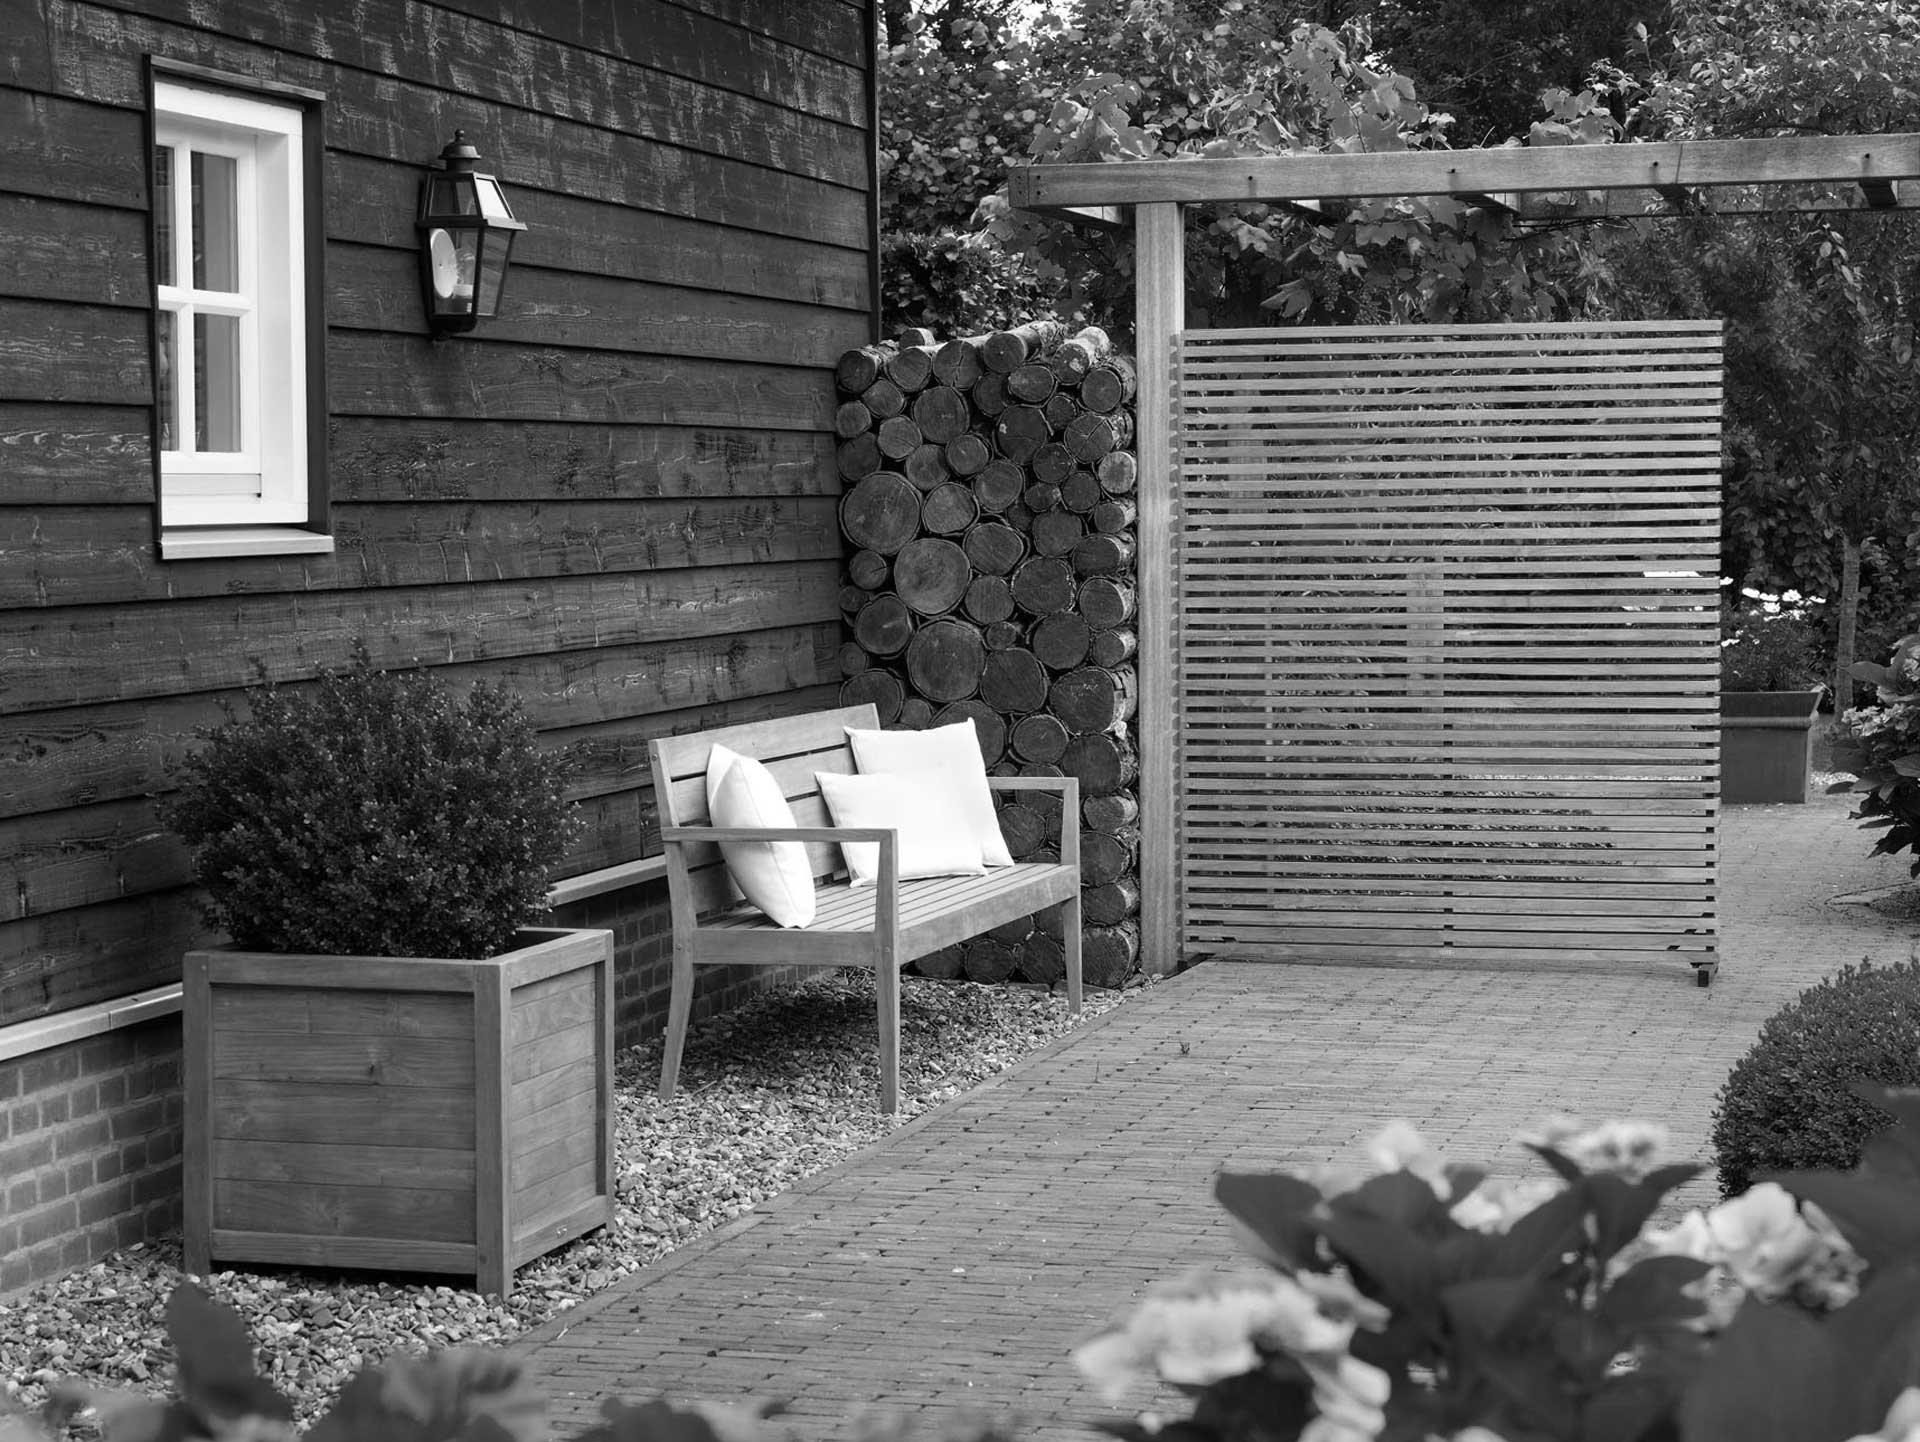 Luxe collectie tuinmeubelen, lounge sets, tafels, banken